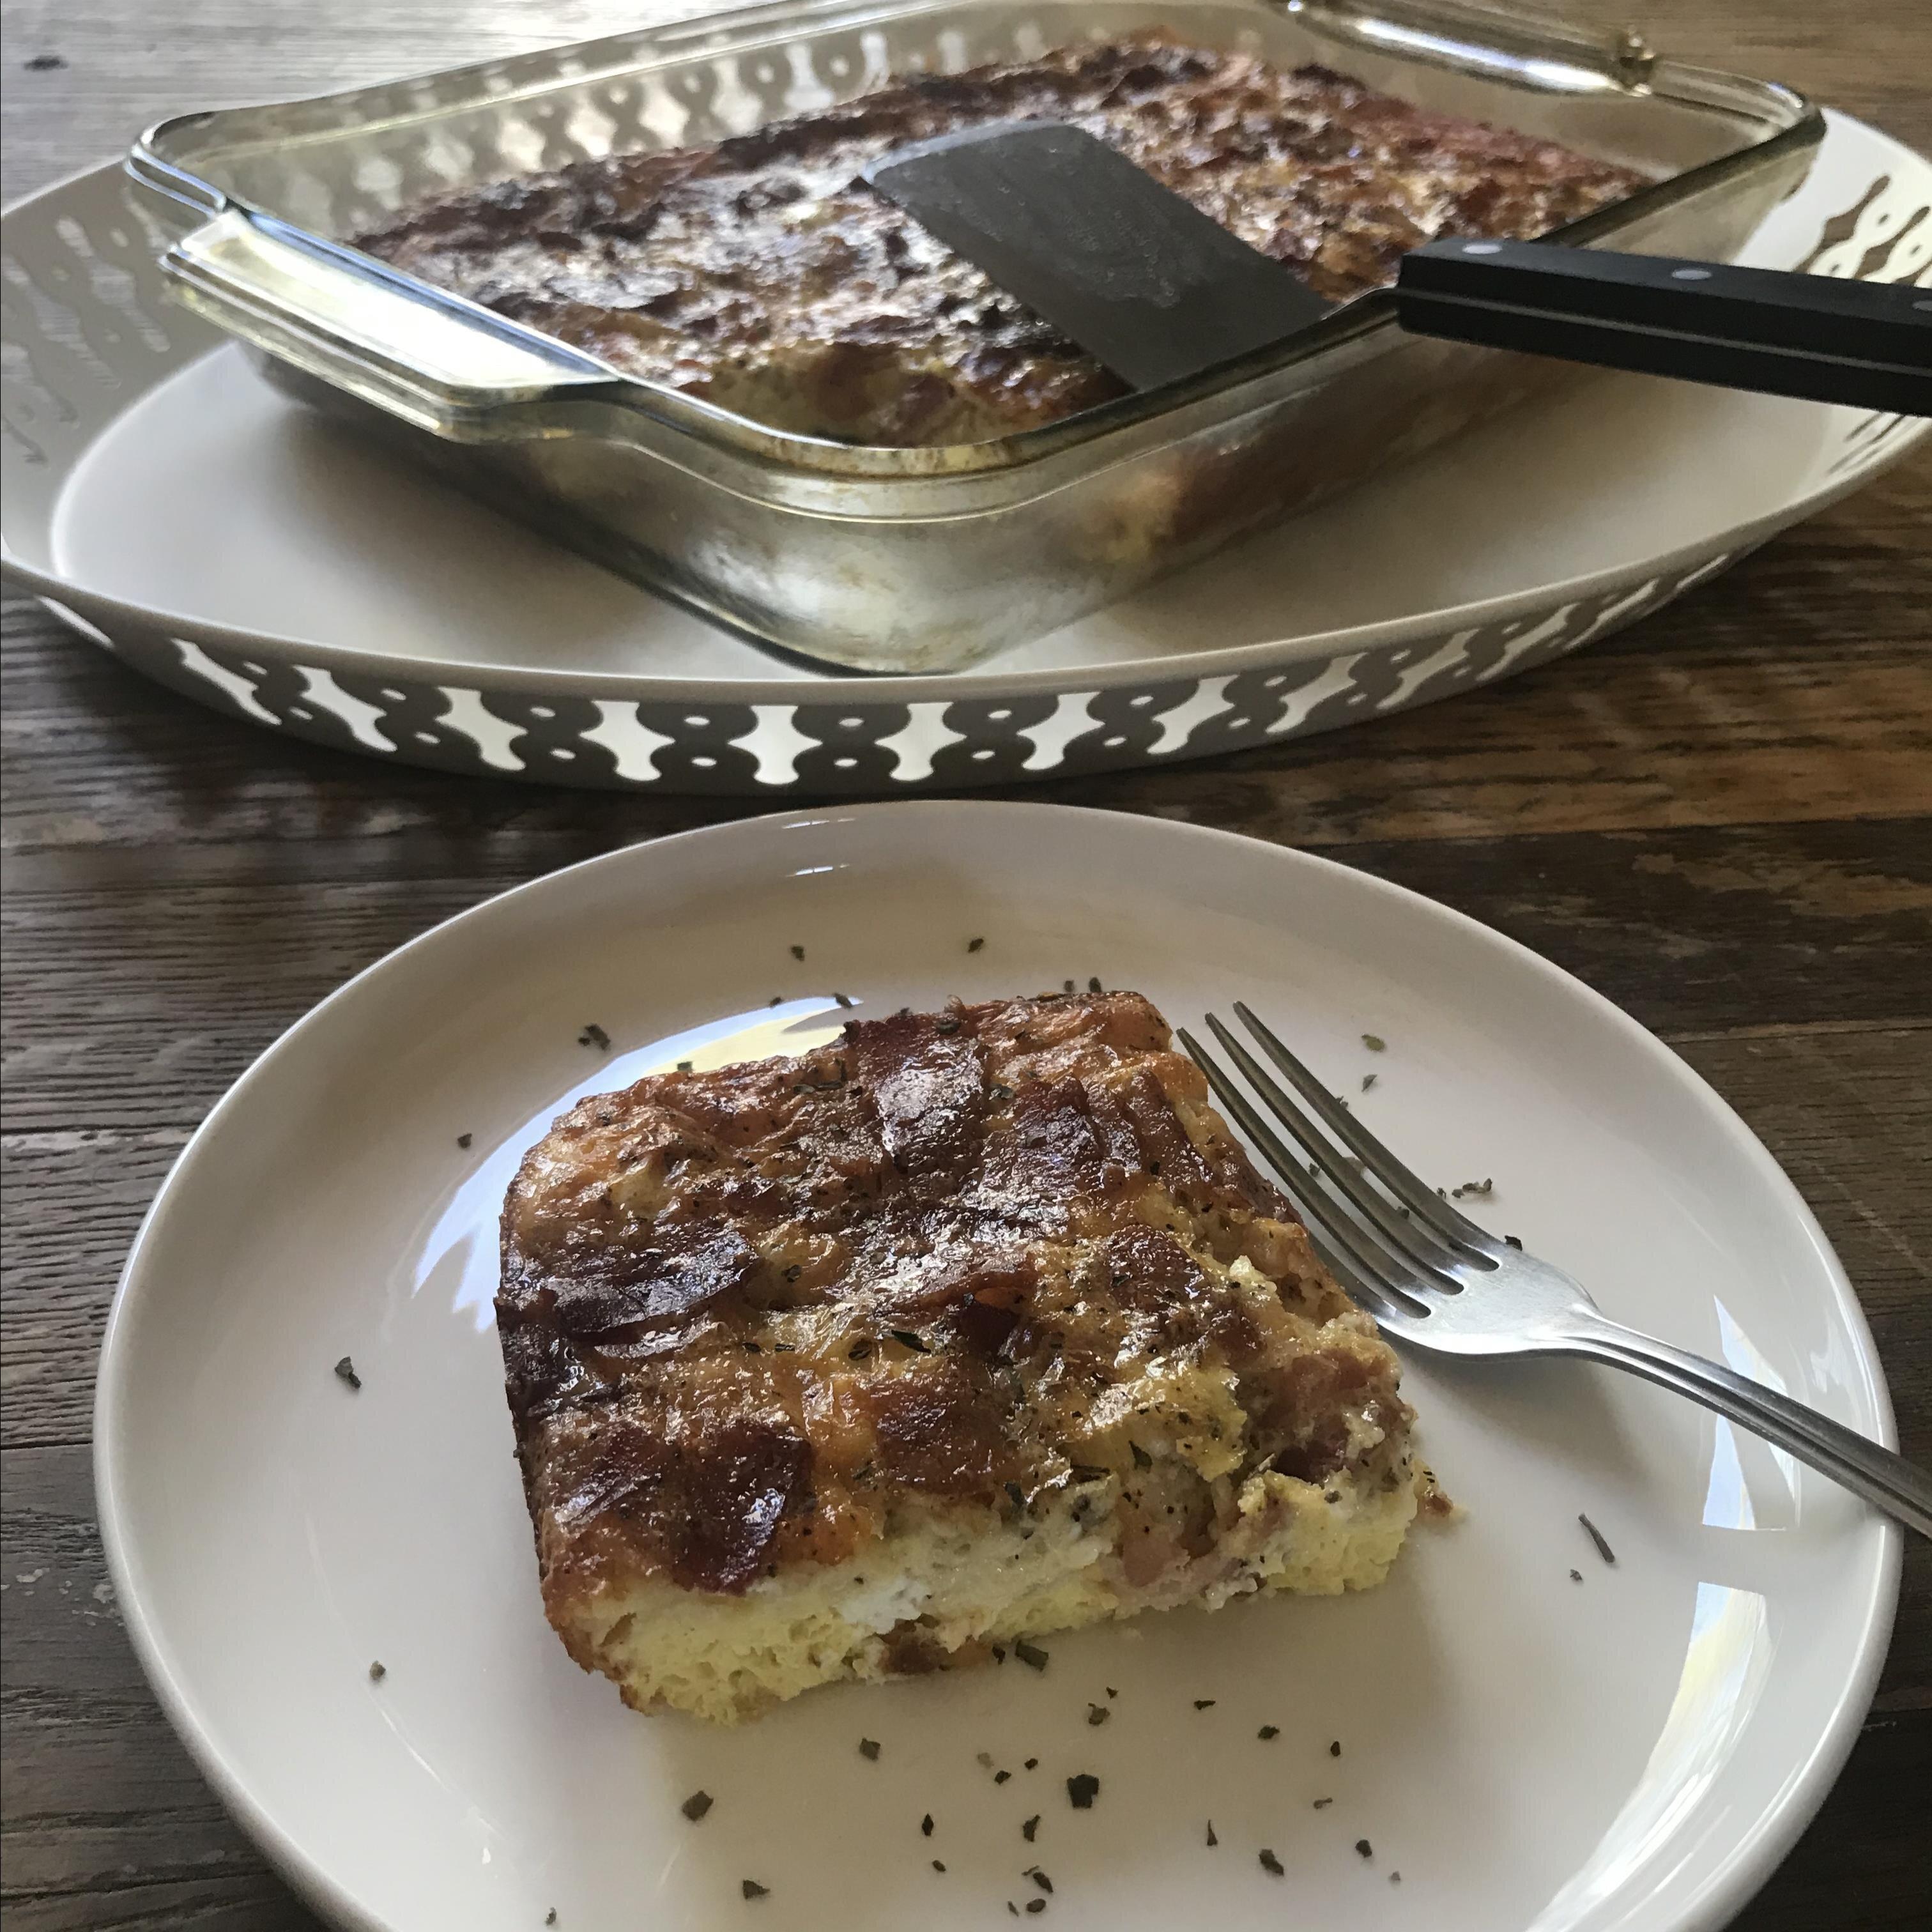 breakfast casserole with bacon recipe